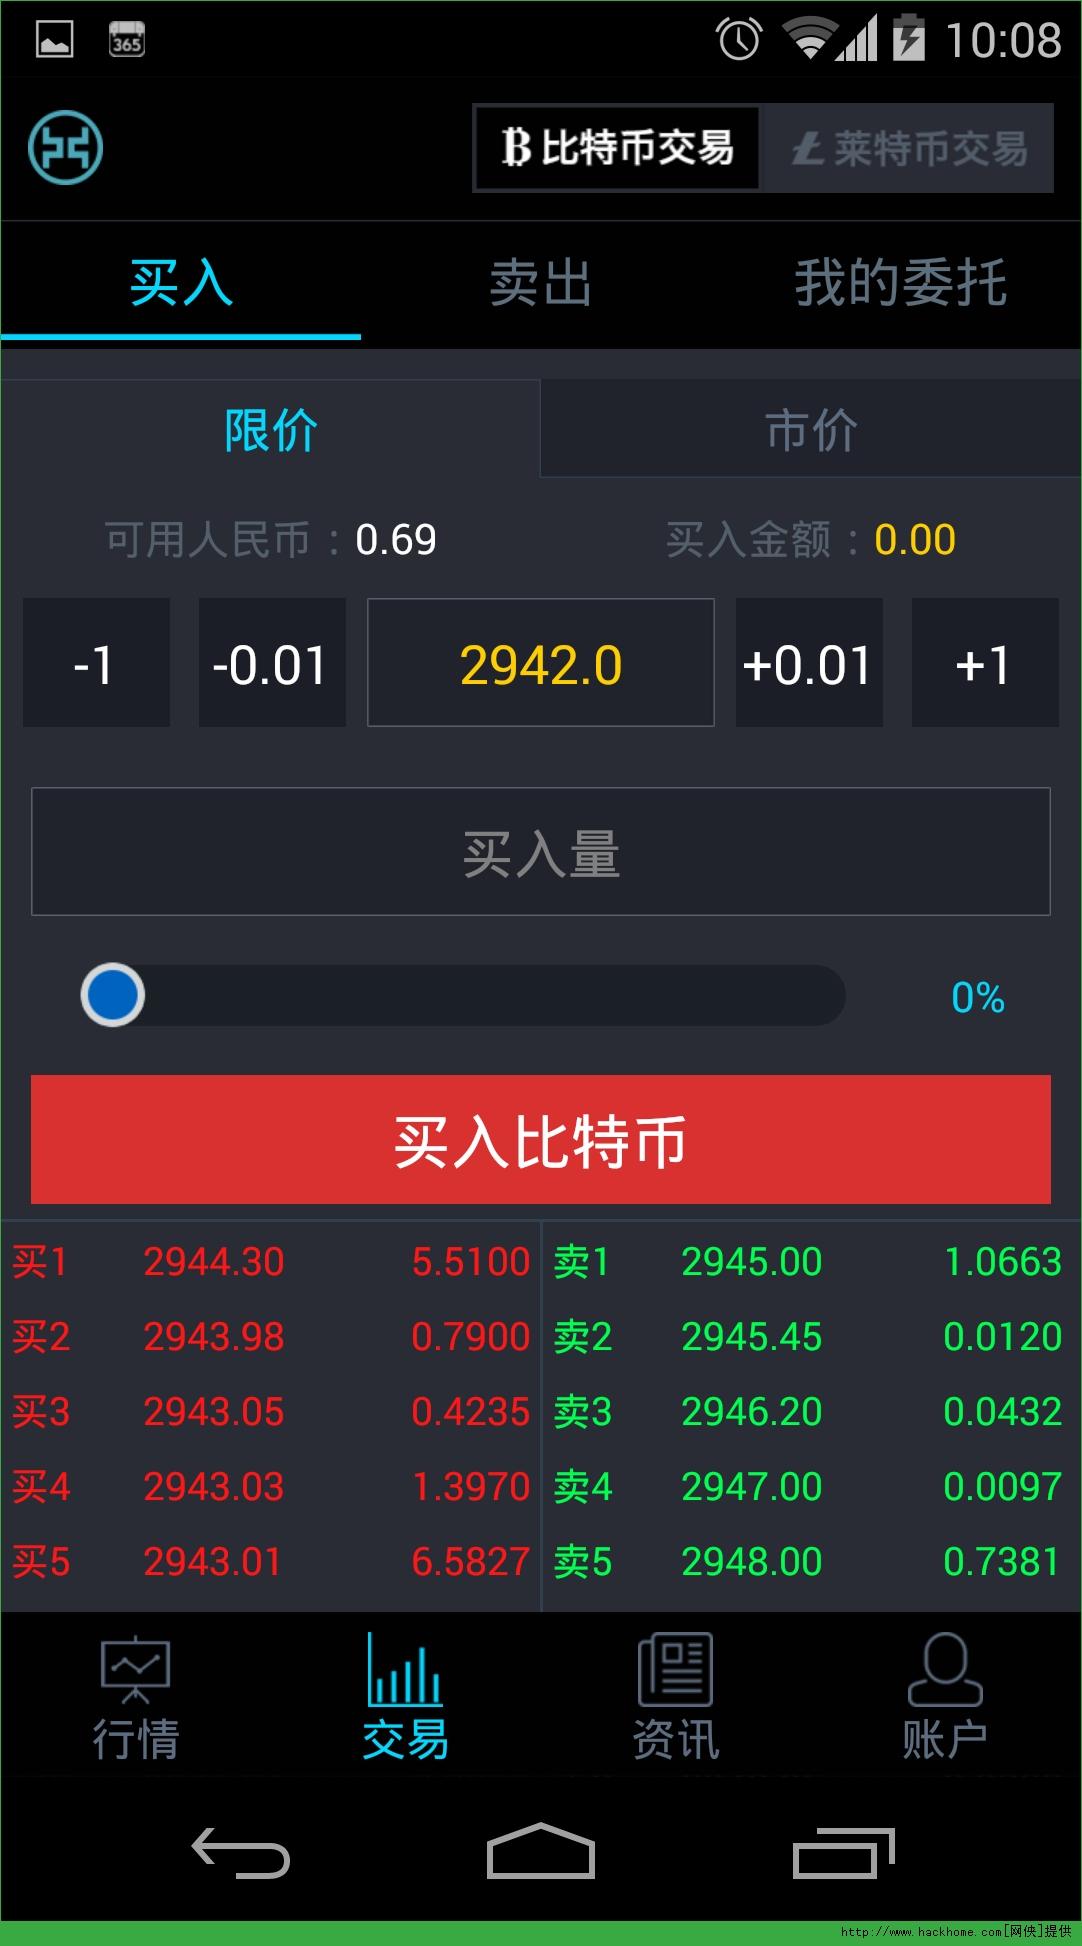 火币网快钱包官网app图1: